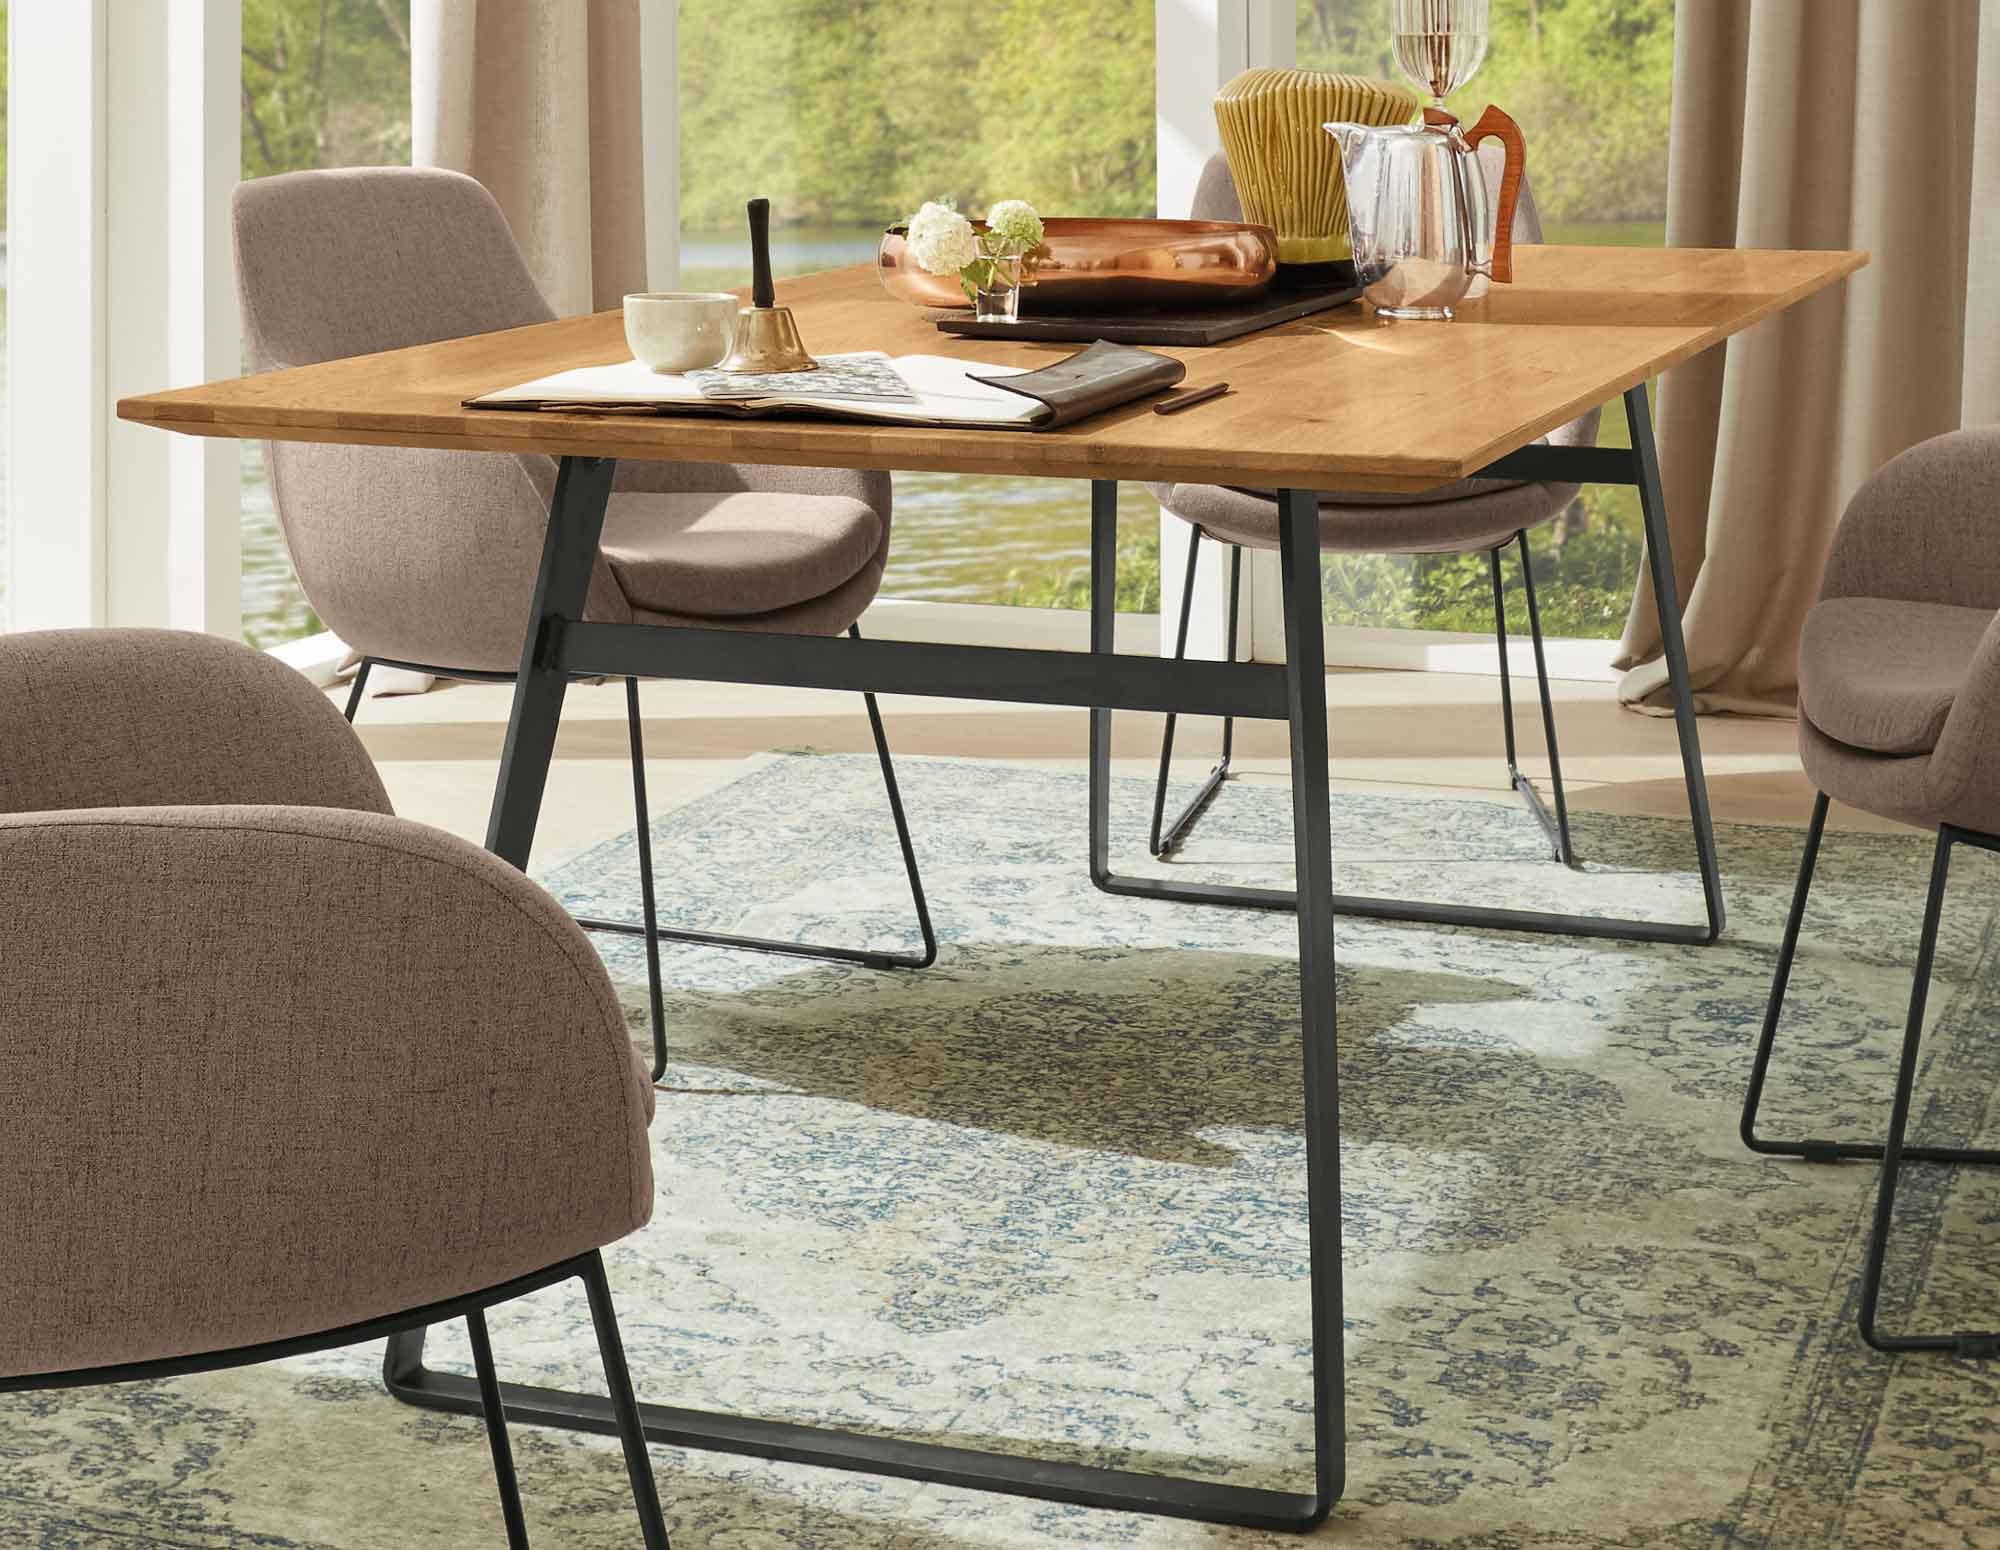 Musterring Esstisch  Musterring Tavia Tisch Ihr Marken Esstisch aus Eiche mit